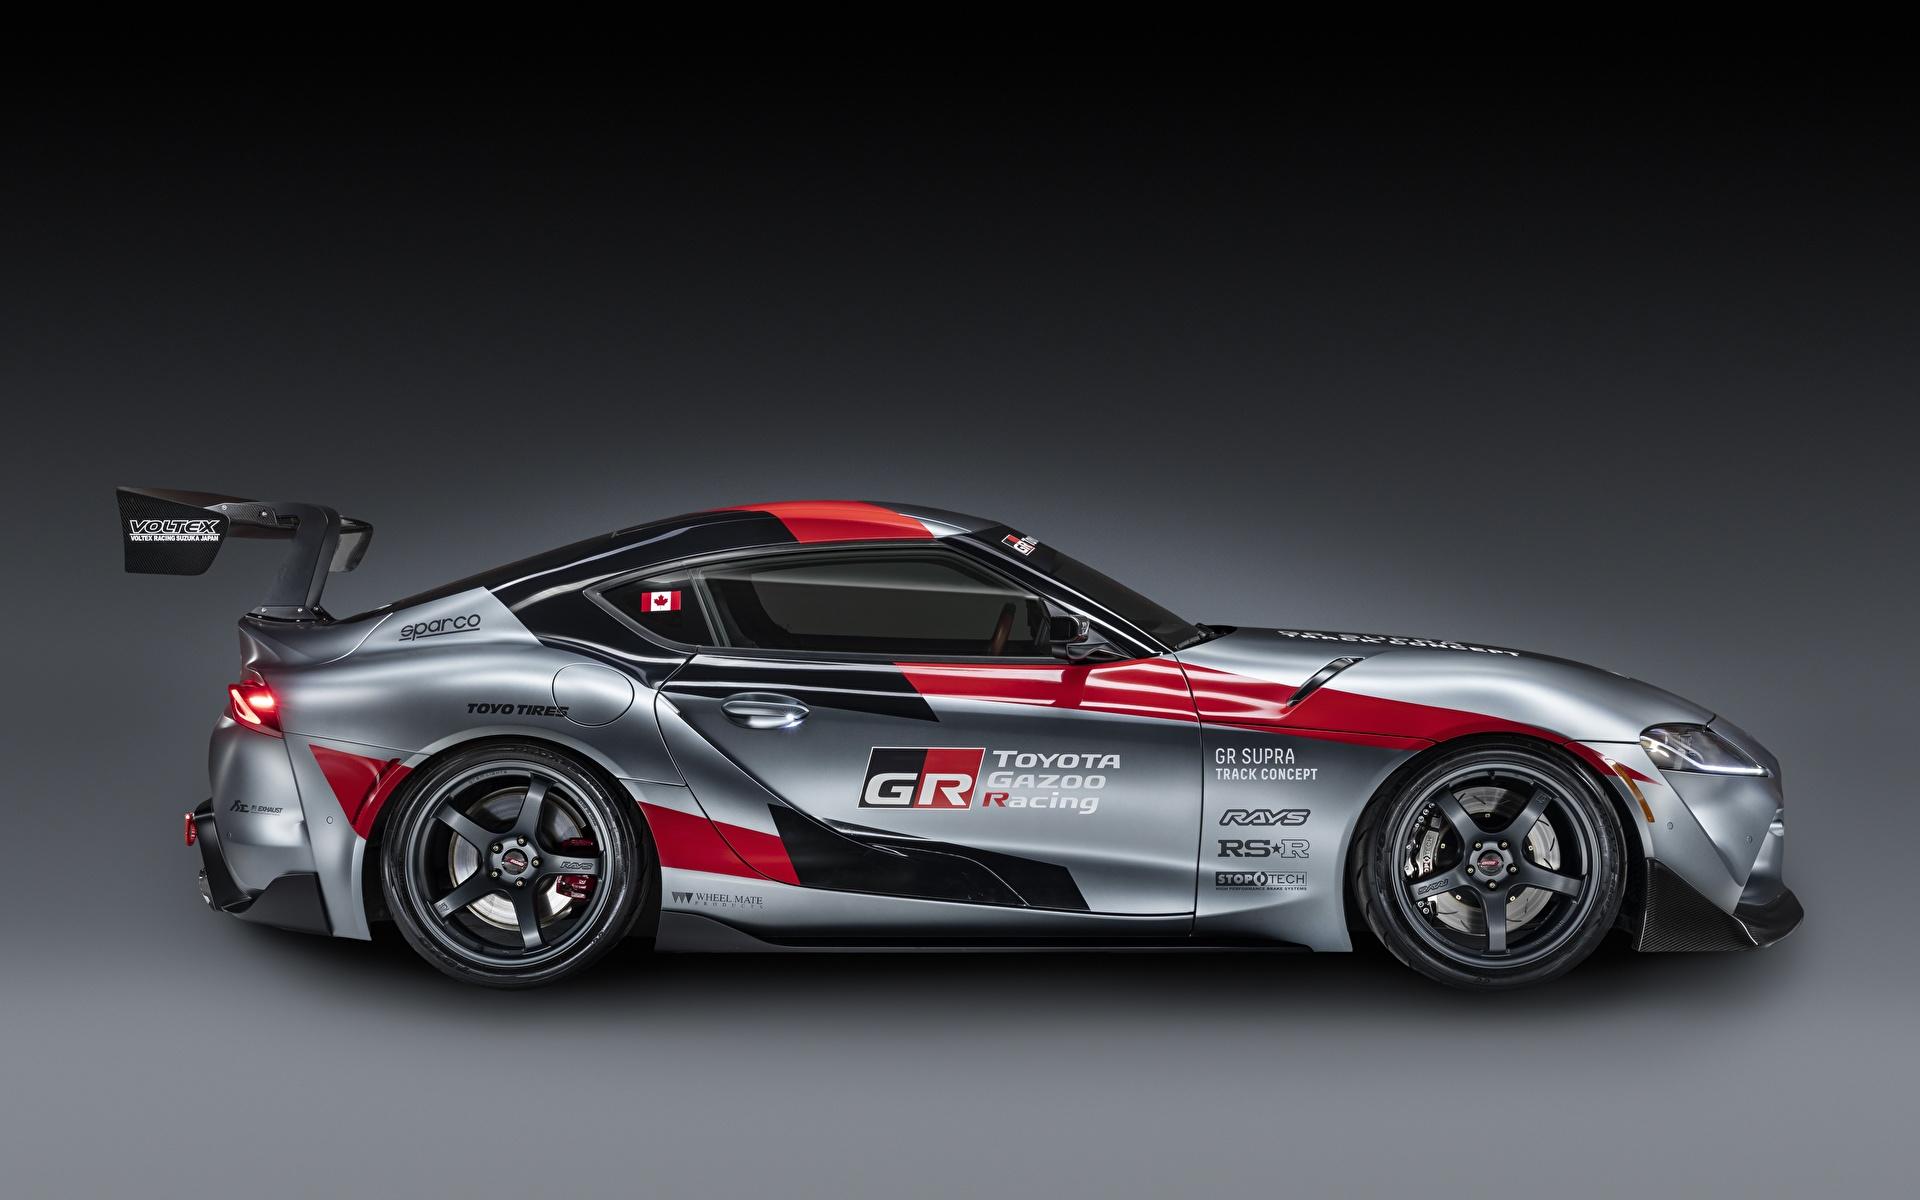 Обои для рабочего стола Тойота GR Supra Track Concept, 2020 Купе Серый авто Сбоку 1920x1200 Toyota серая серые машина машины Автомобили автомобиль